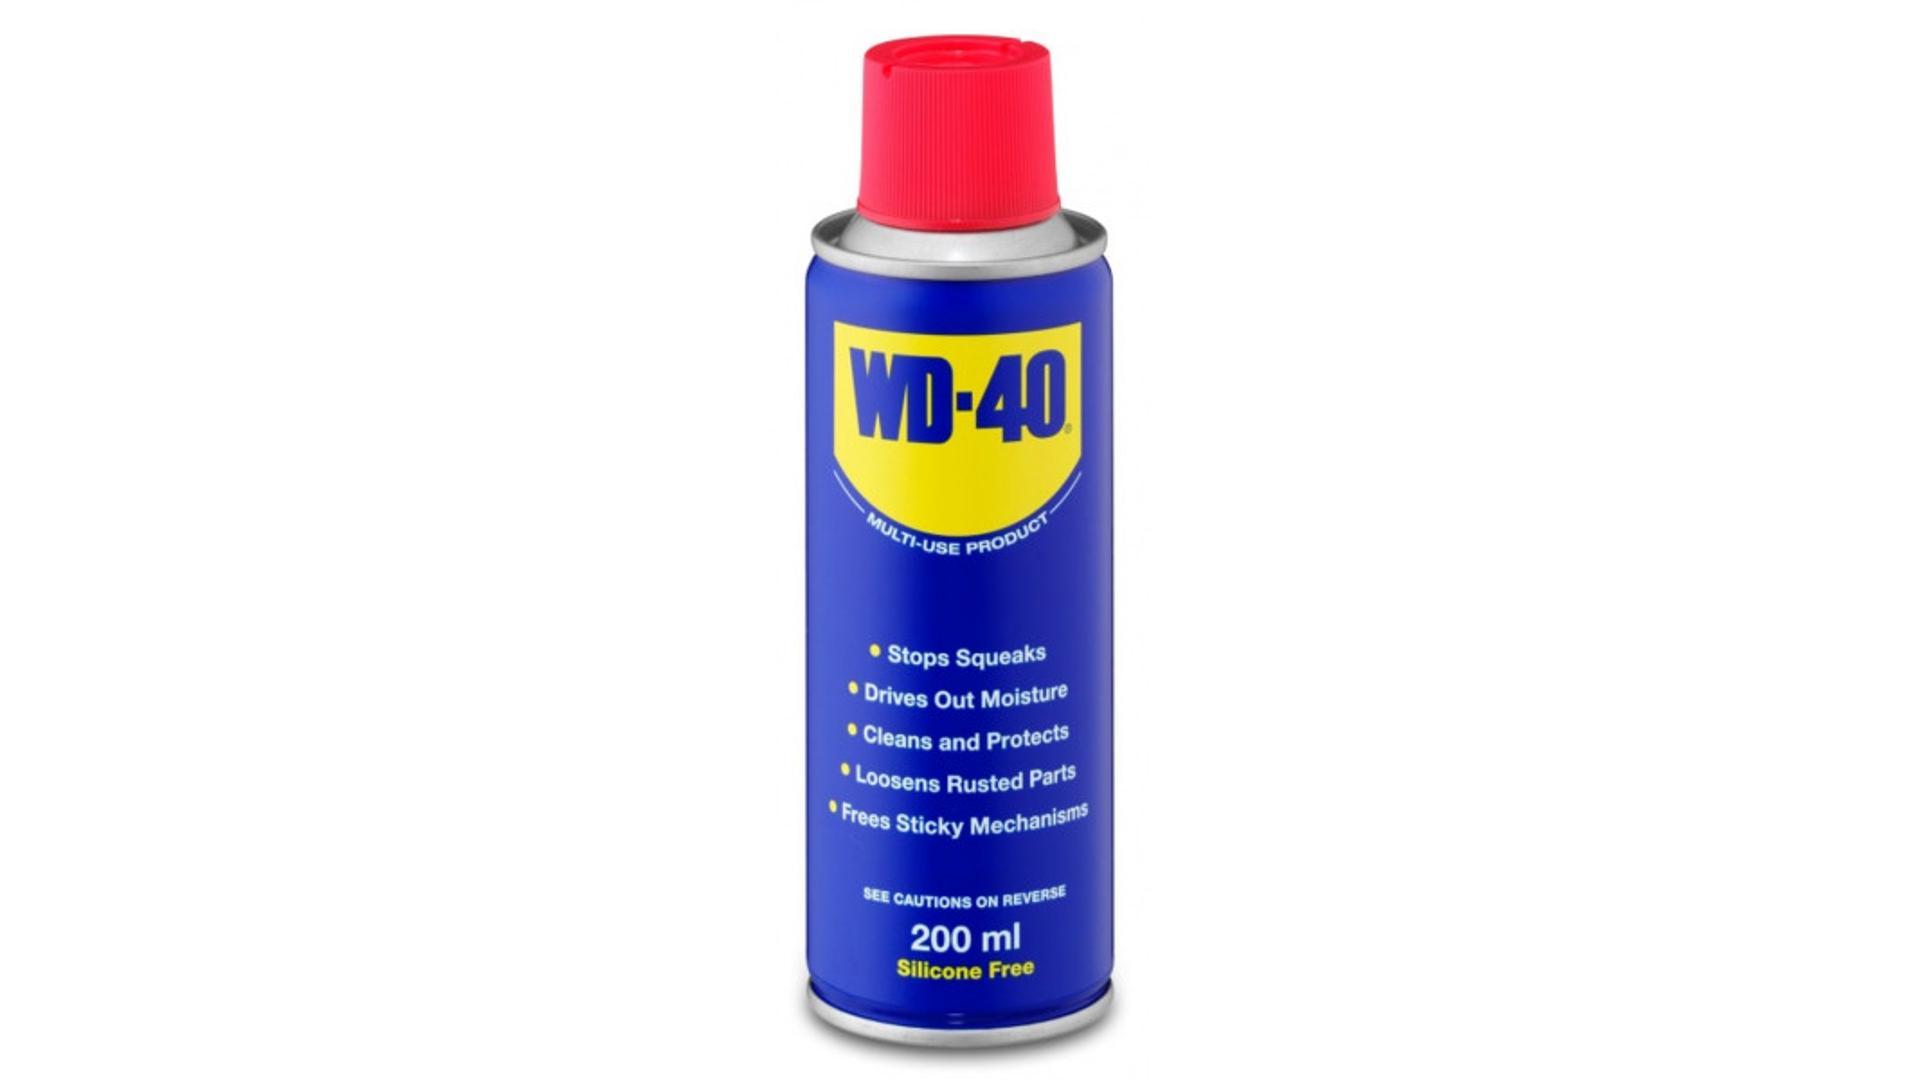 WD-40 Univerzální mazací sprej 200ml